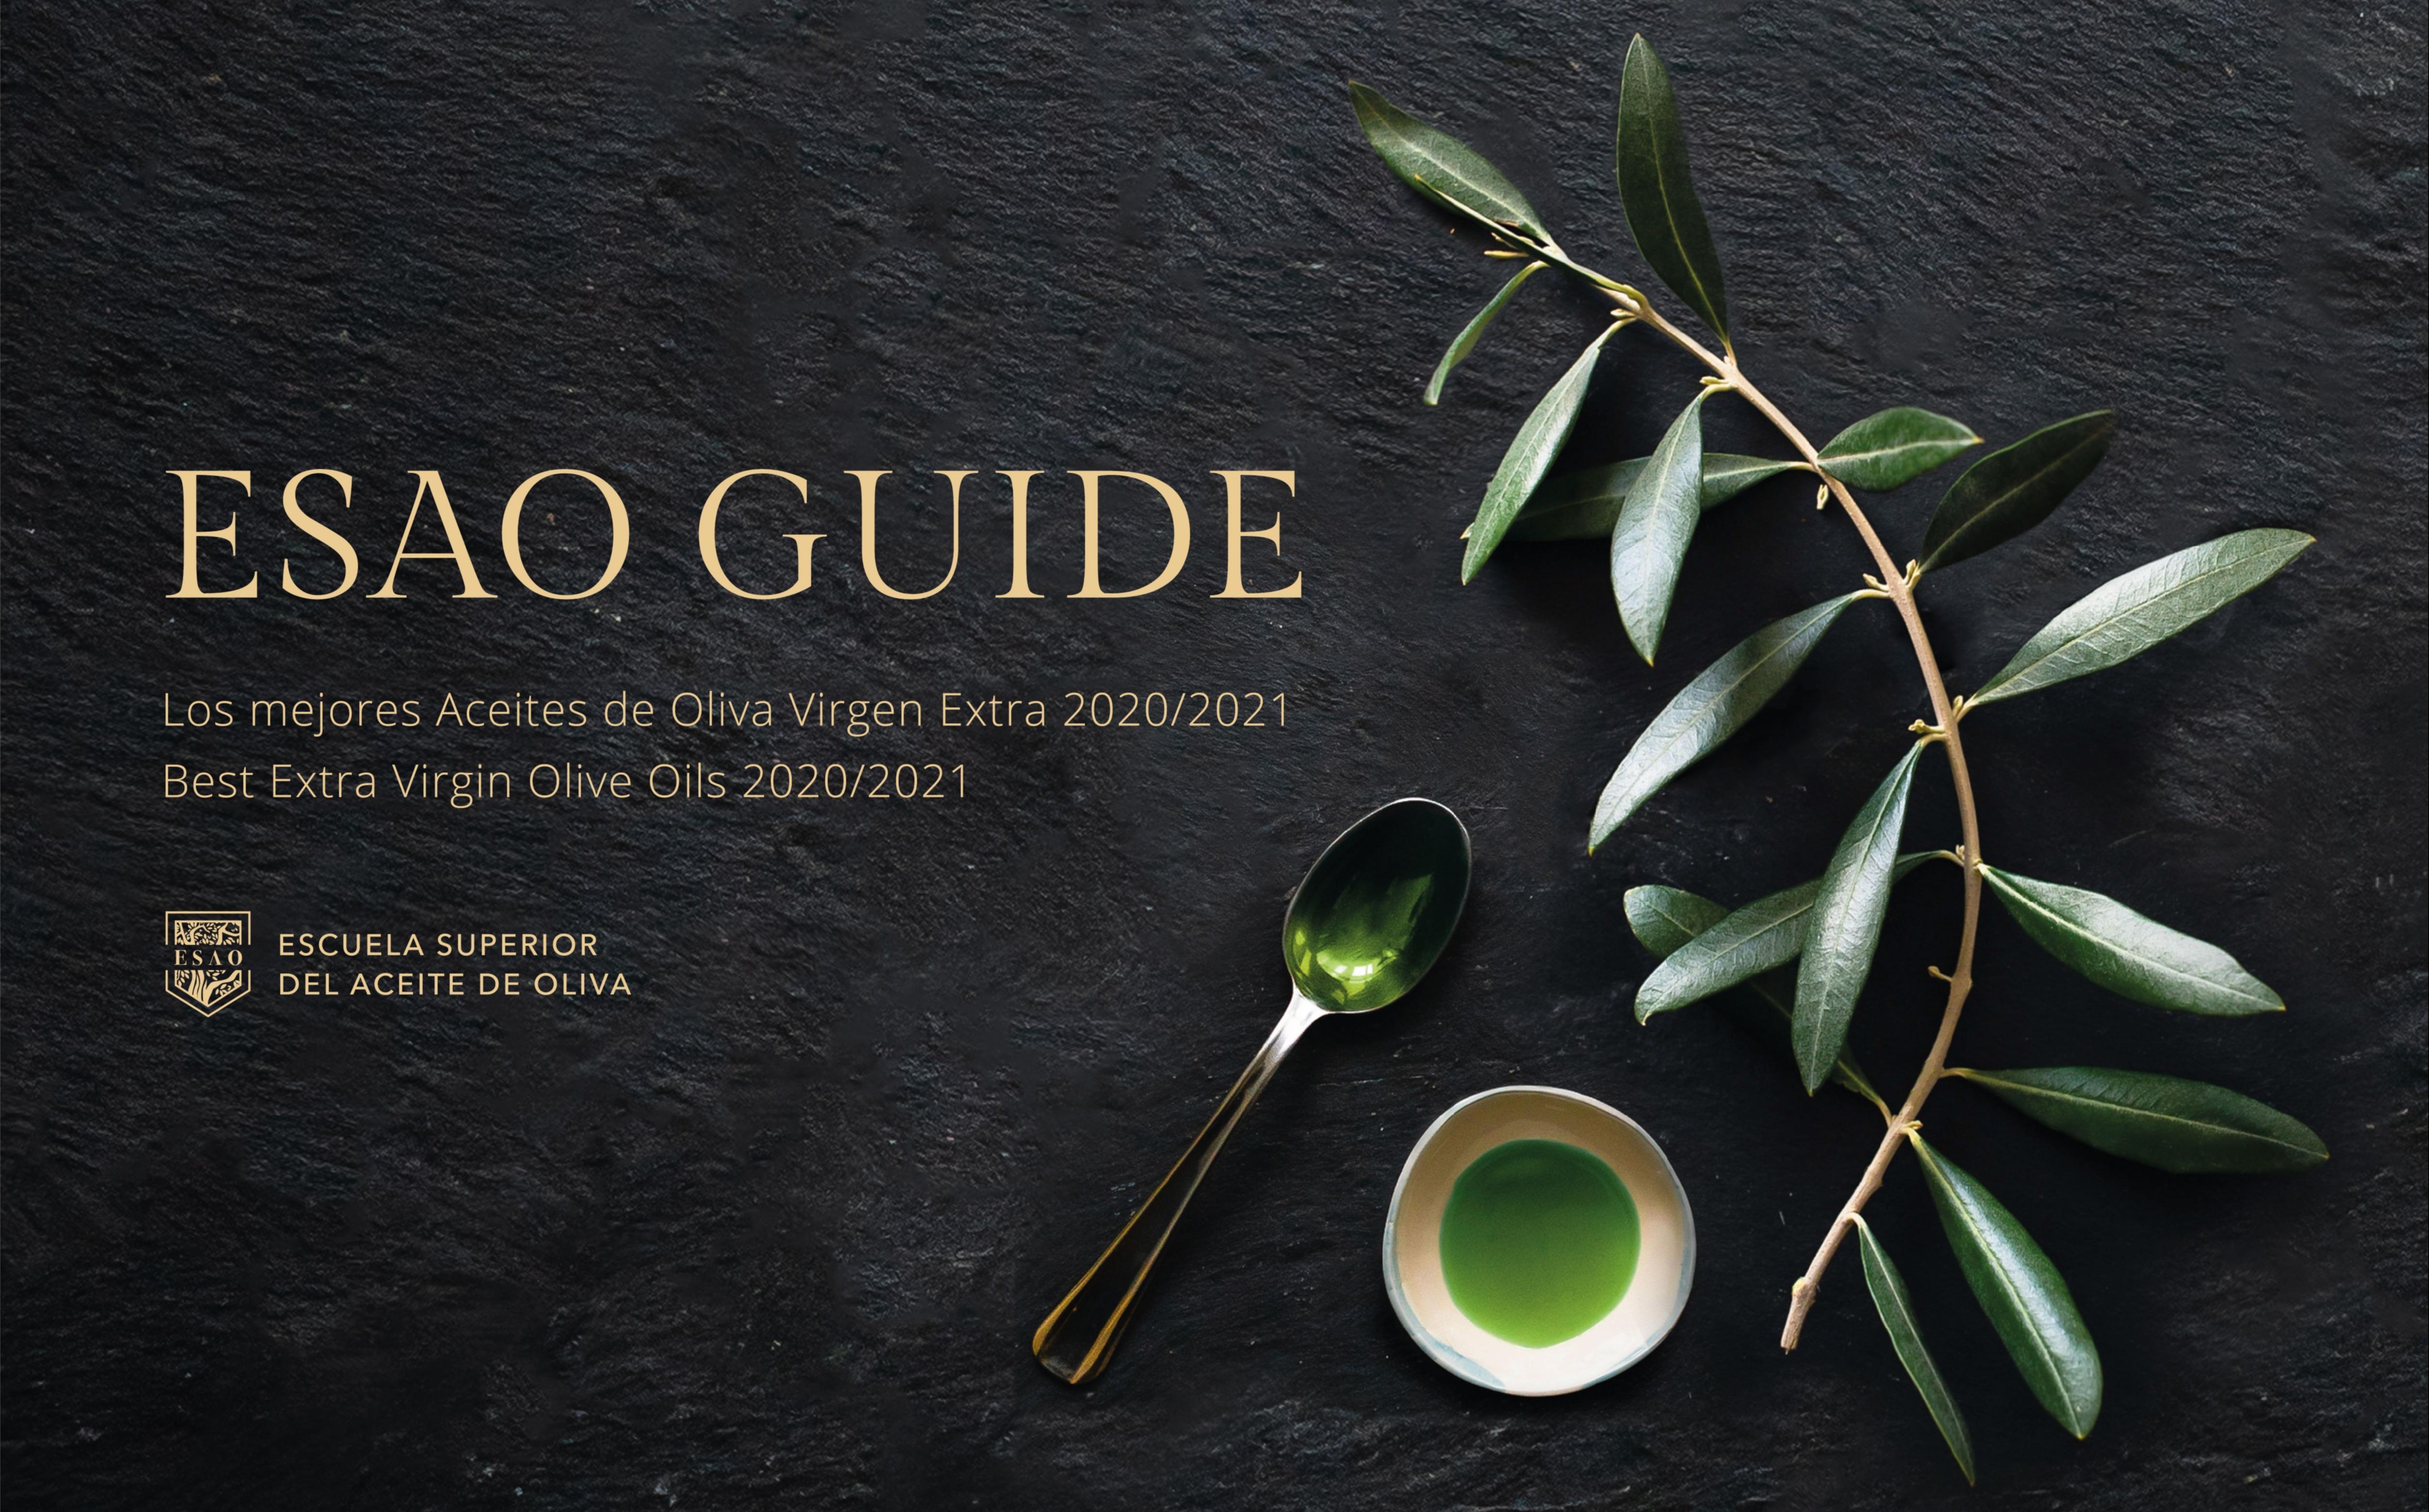 Guia ESAO Guide